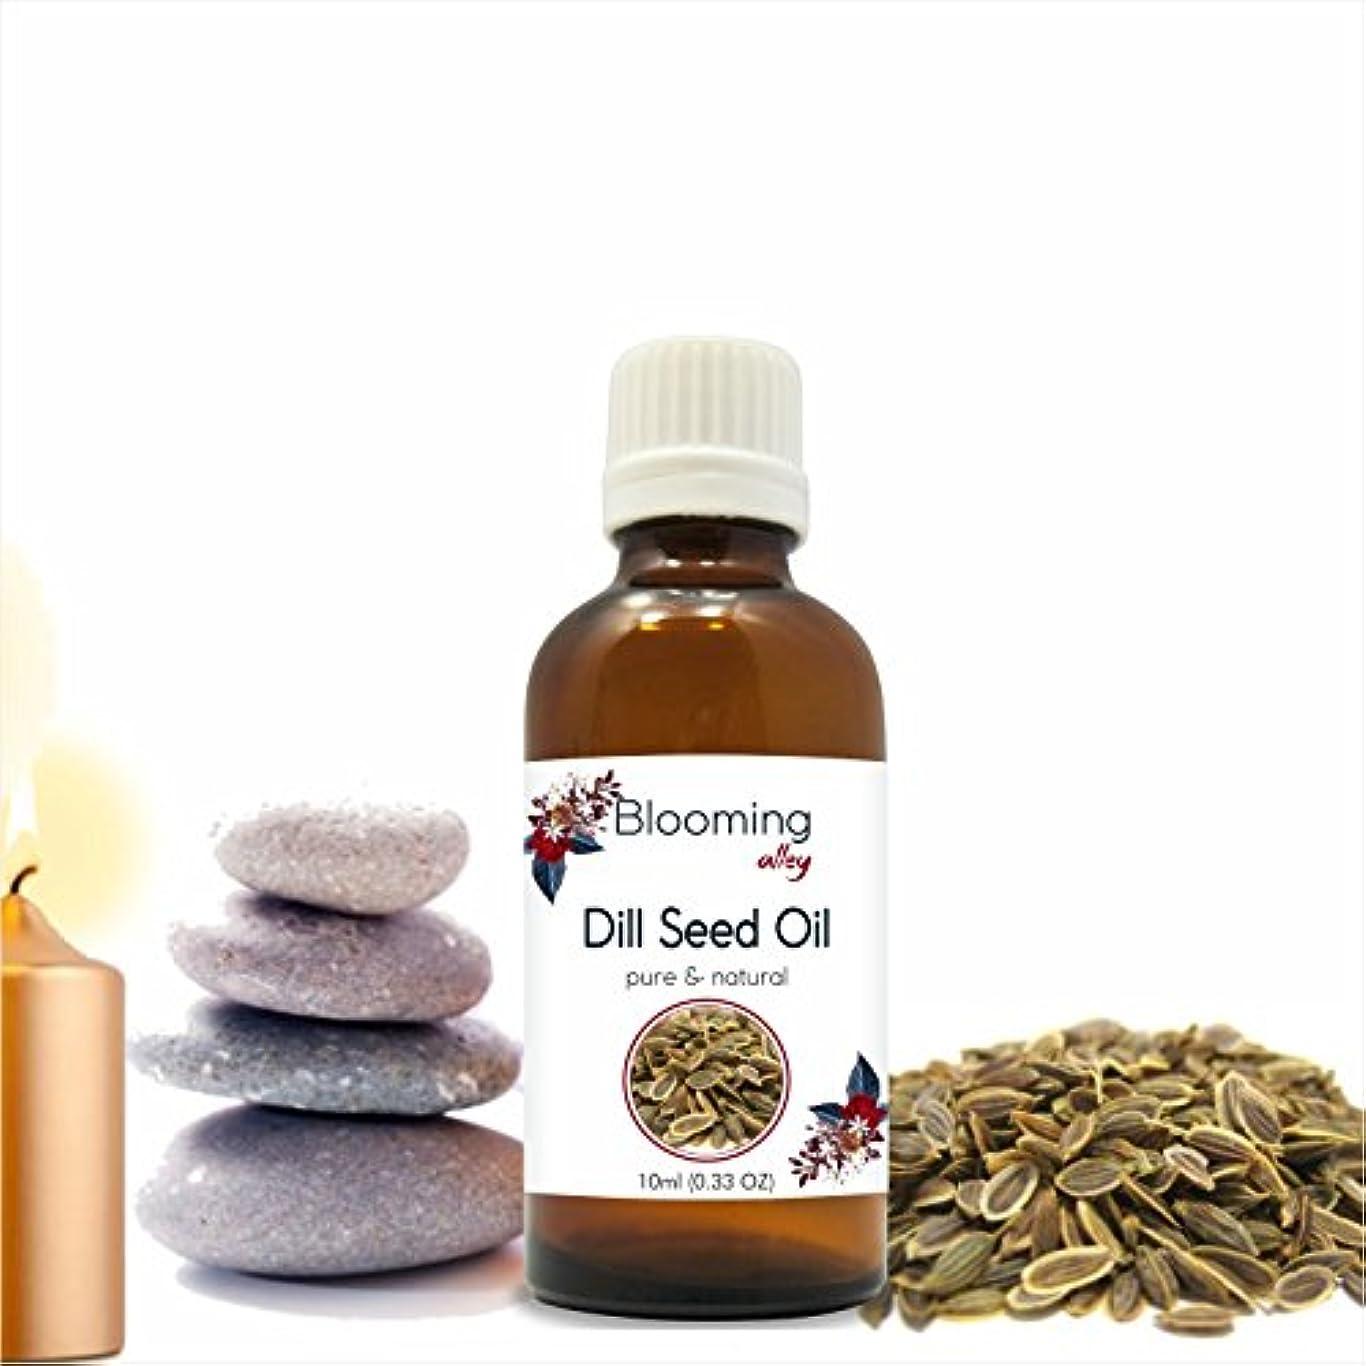 毎月静かに山積みのDillseed Oil(Anethum Graveolens) Essential Oil 10 ml or 0.33 Fl Oz by Blooming Alley